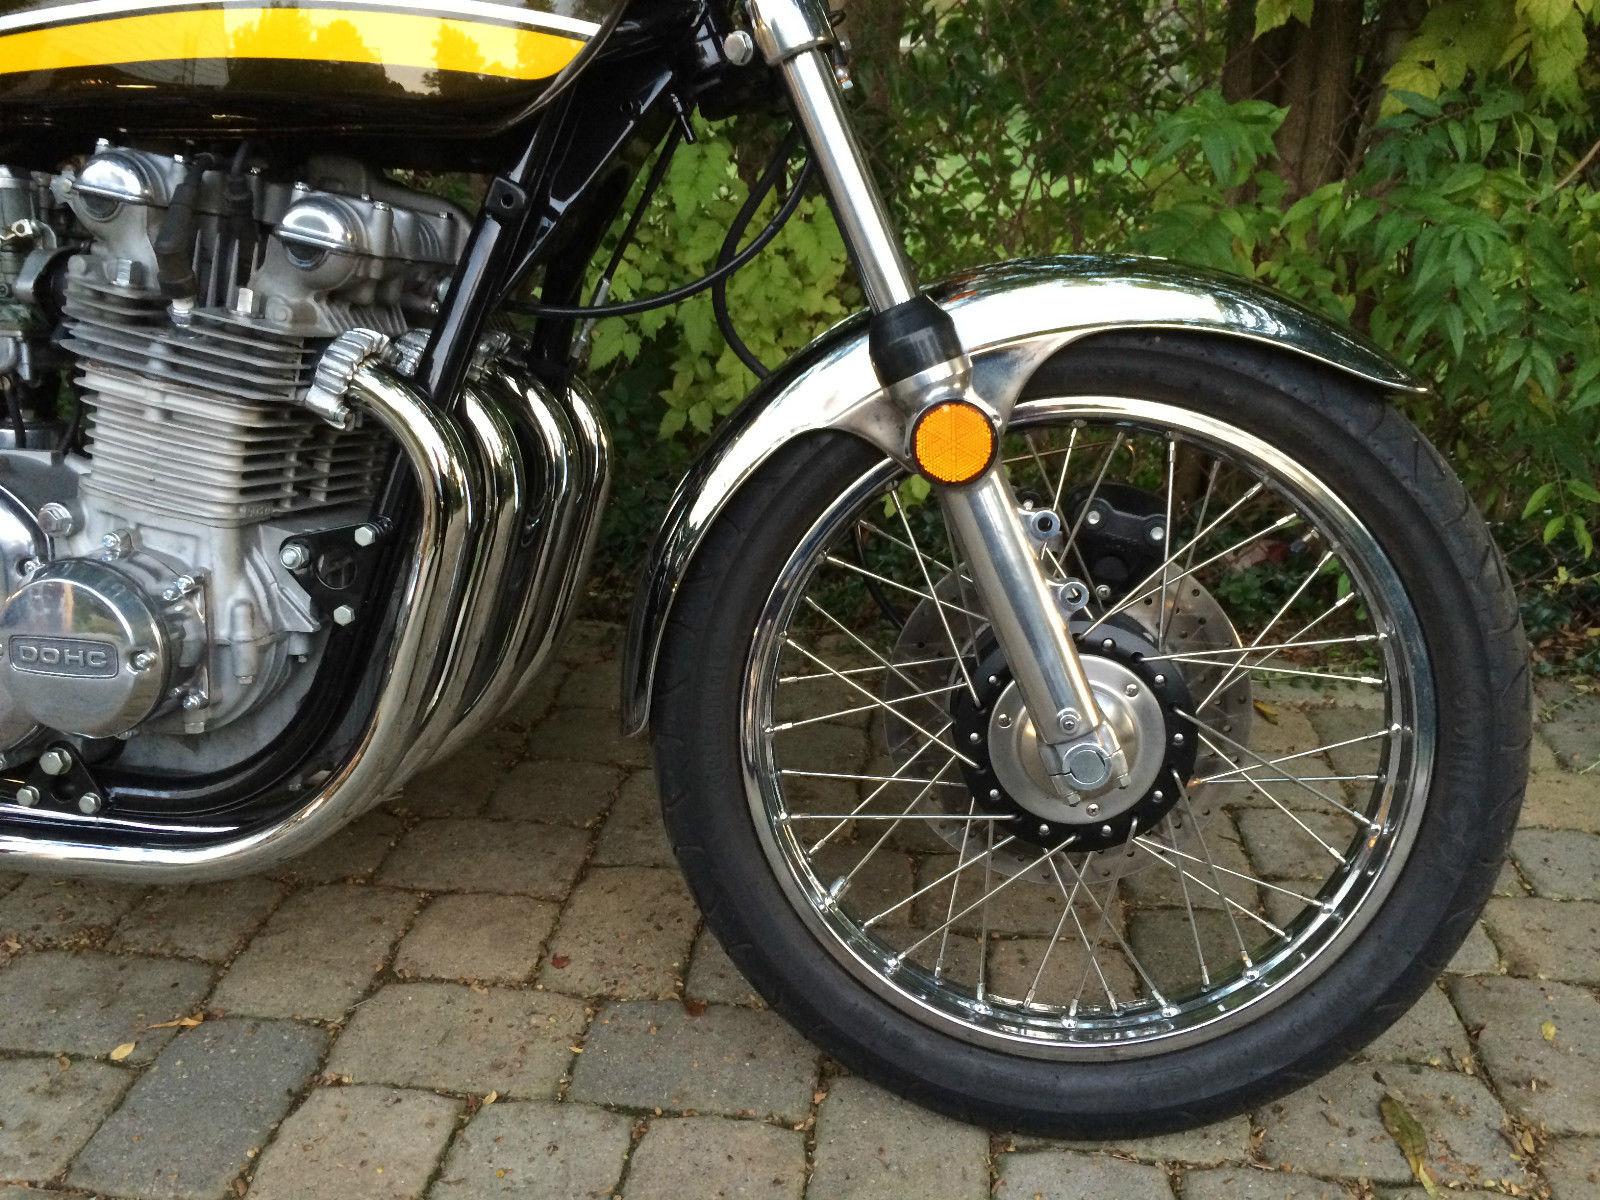 Restored Kawasaki Z1 1974 Photographs At Classic Bikes